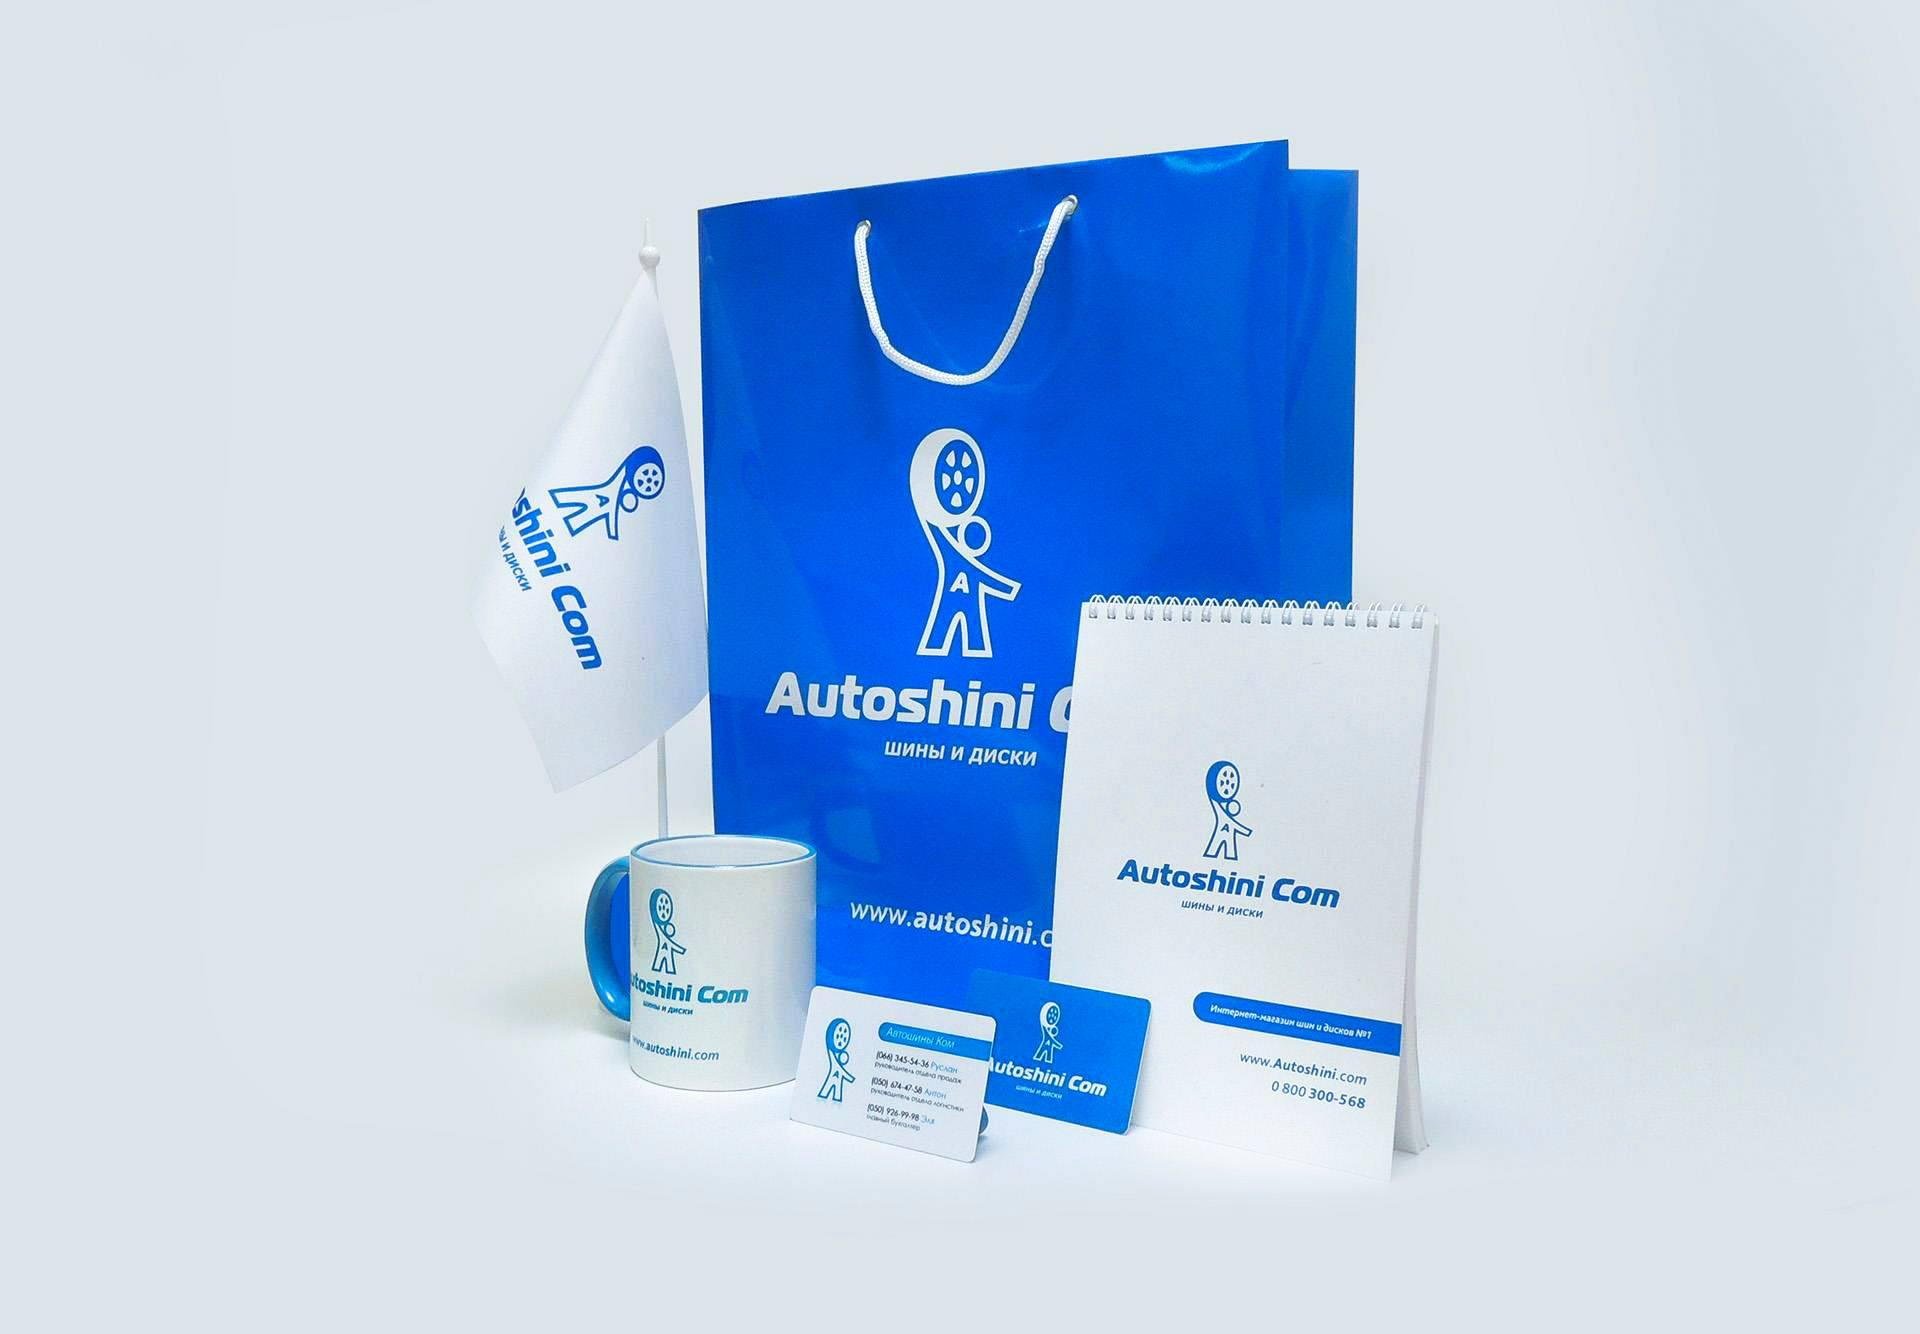 tyresales logo, продажа автомобильных шин brand book